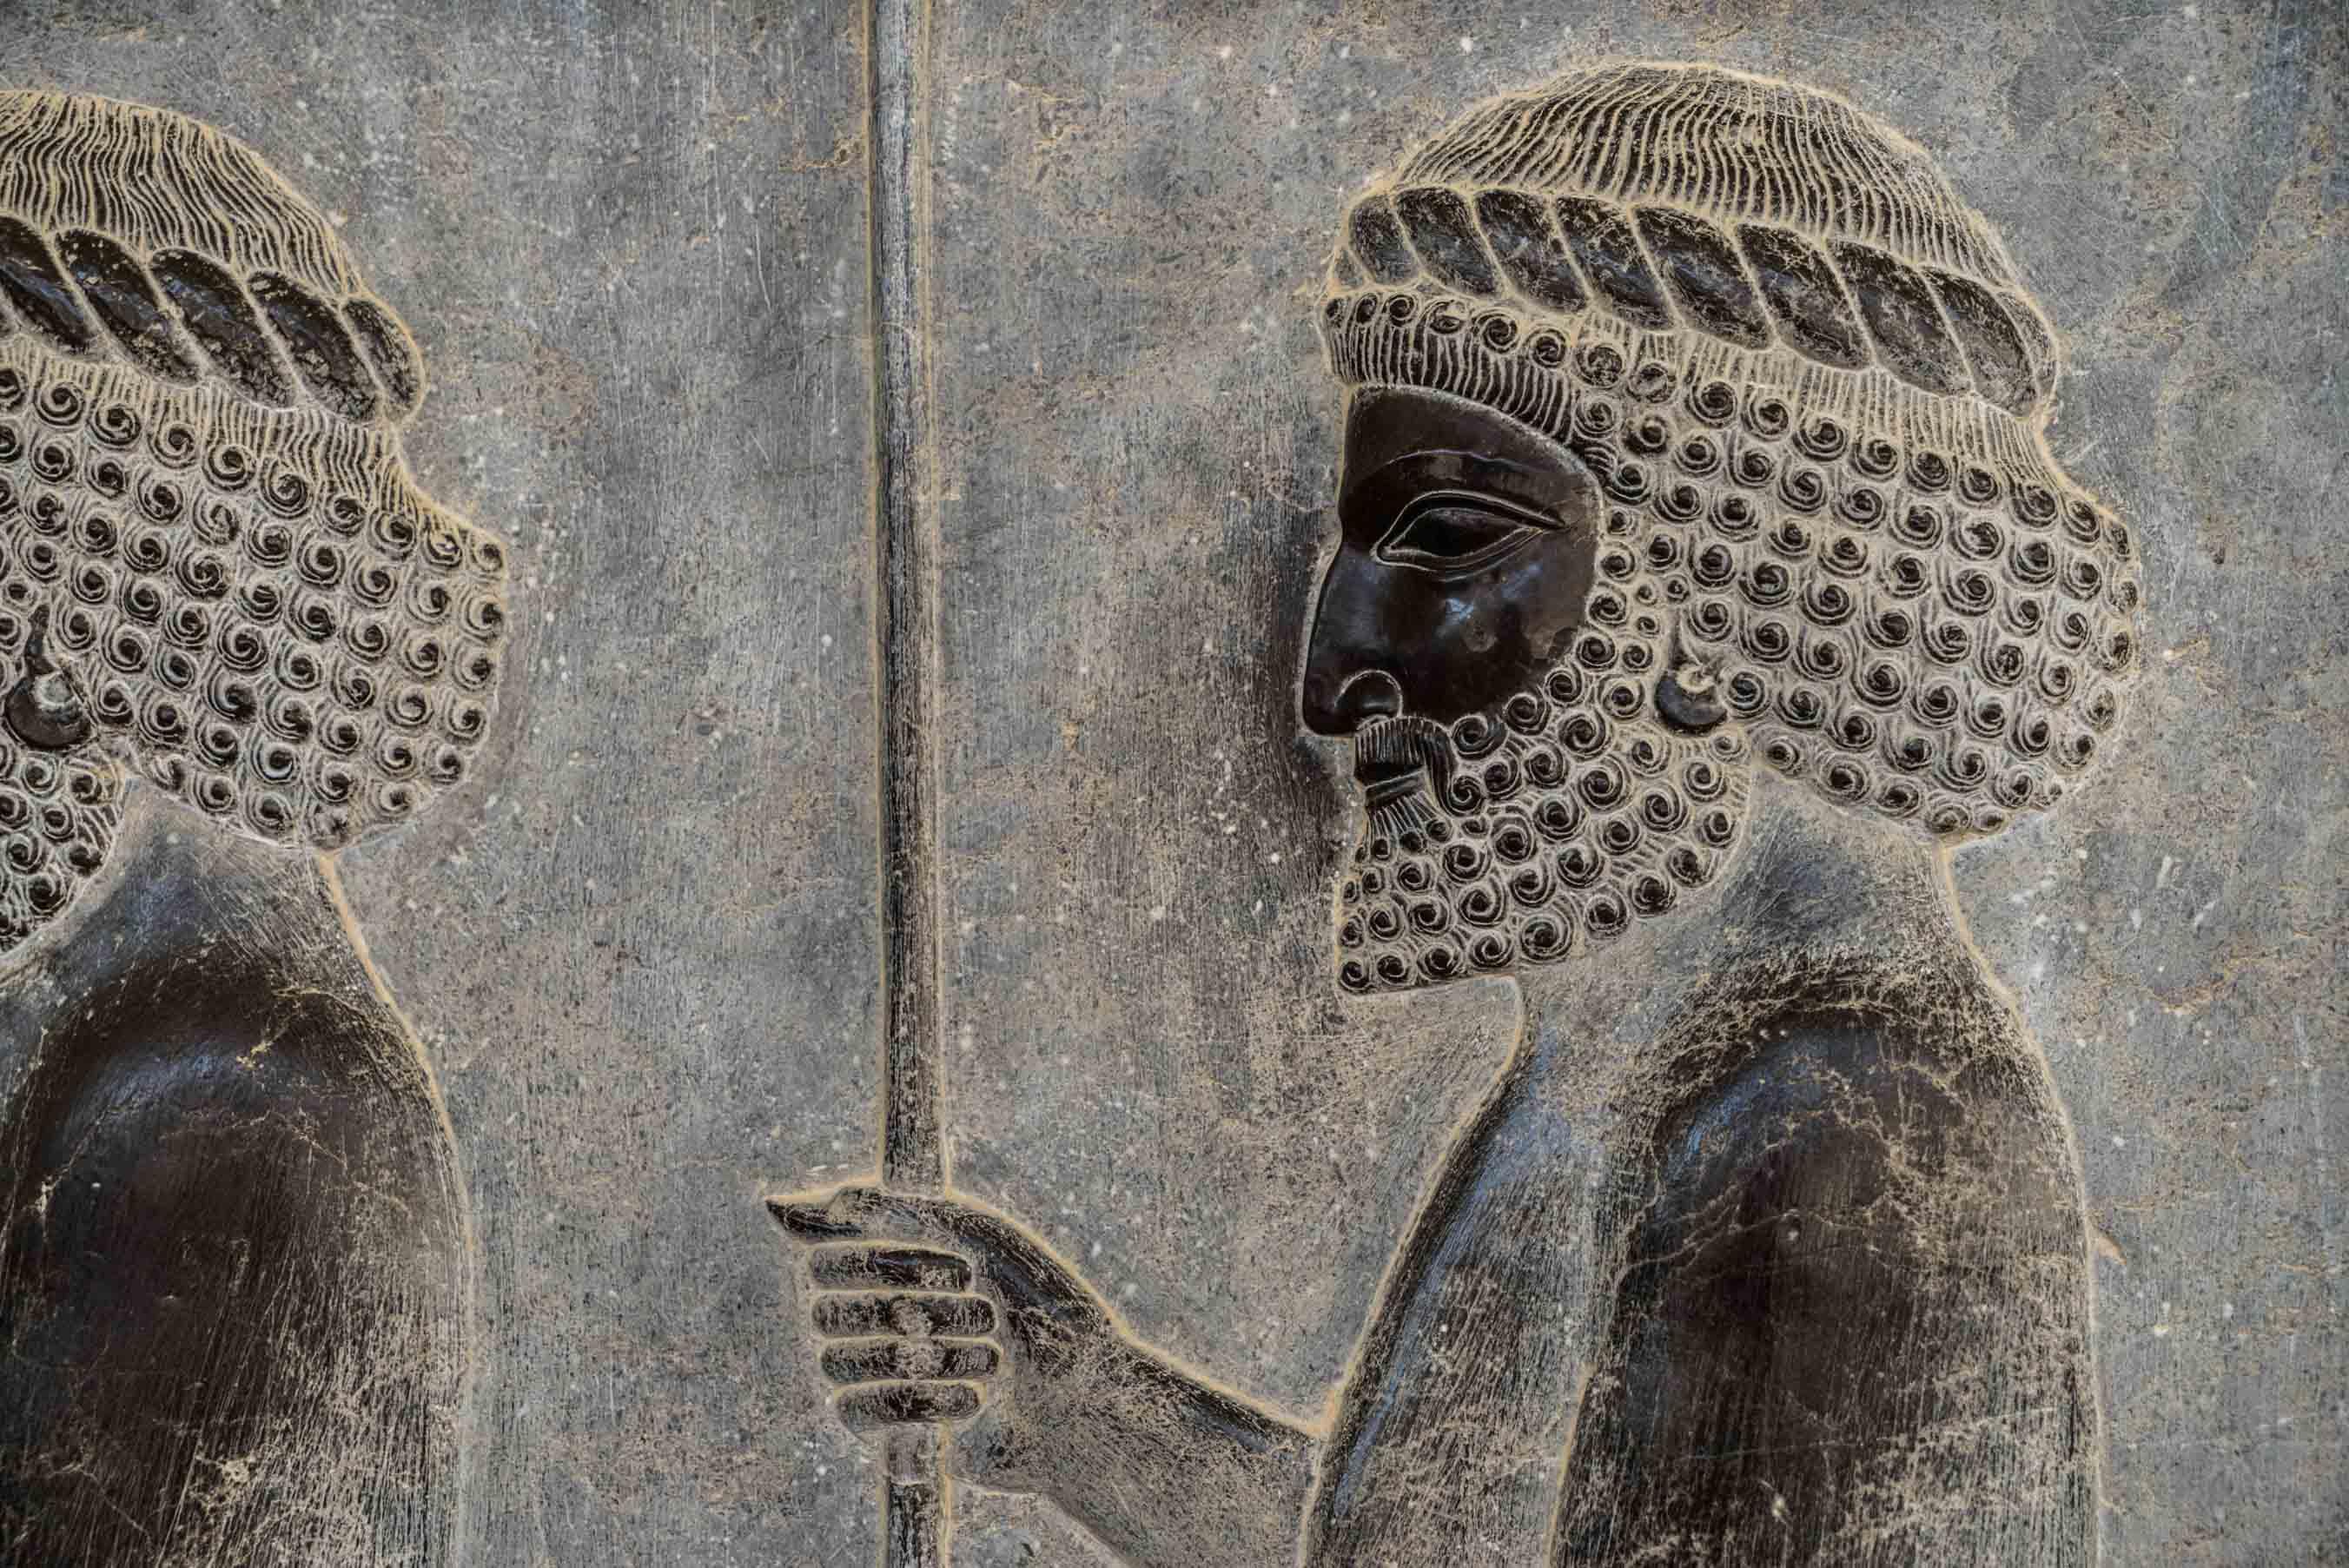 Persepolis Iran - Immortals warrior